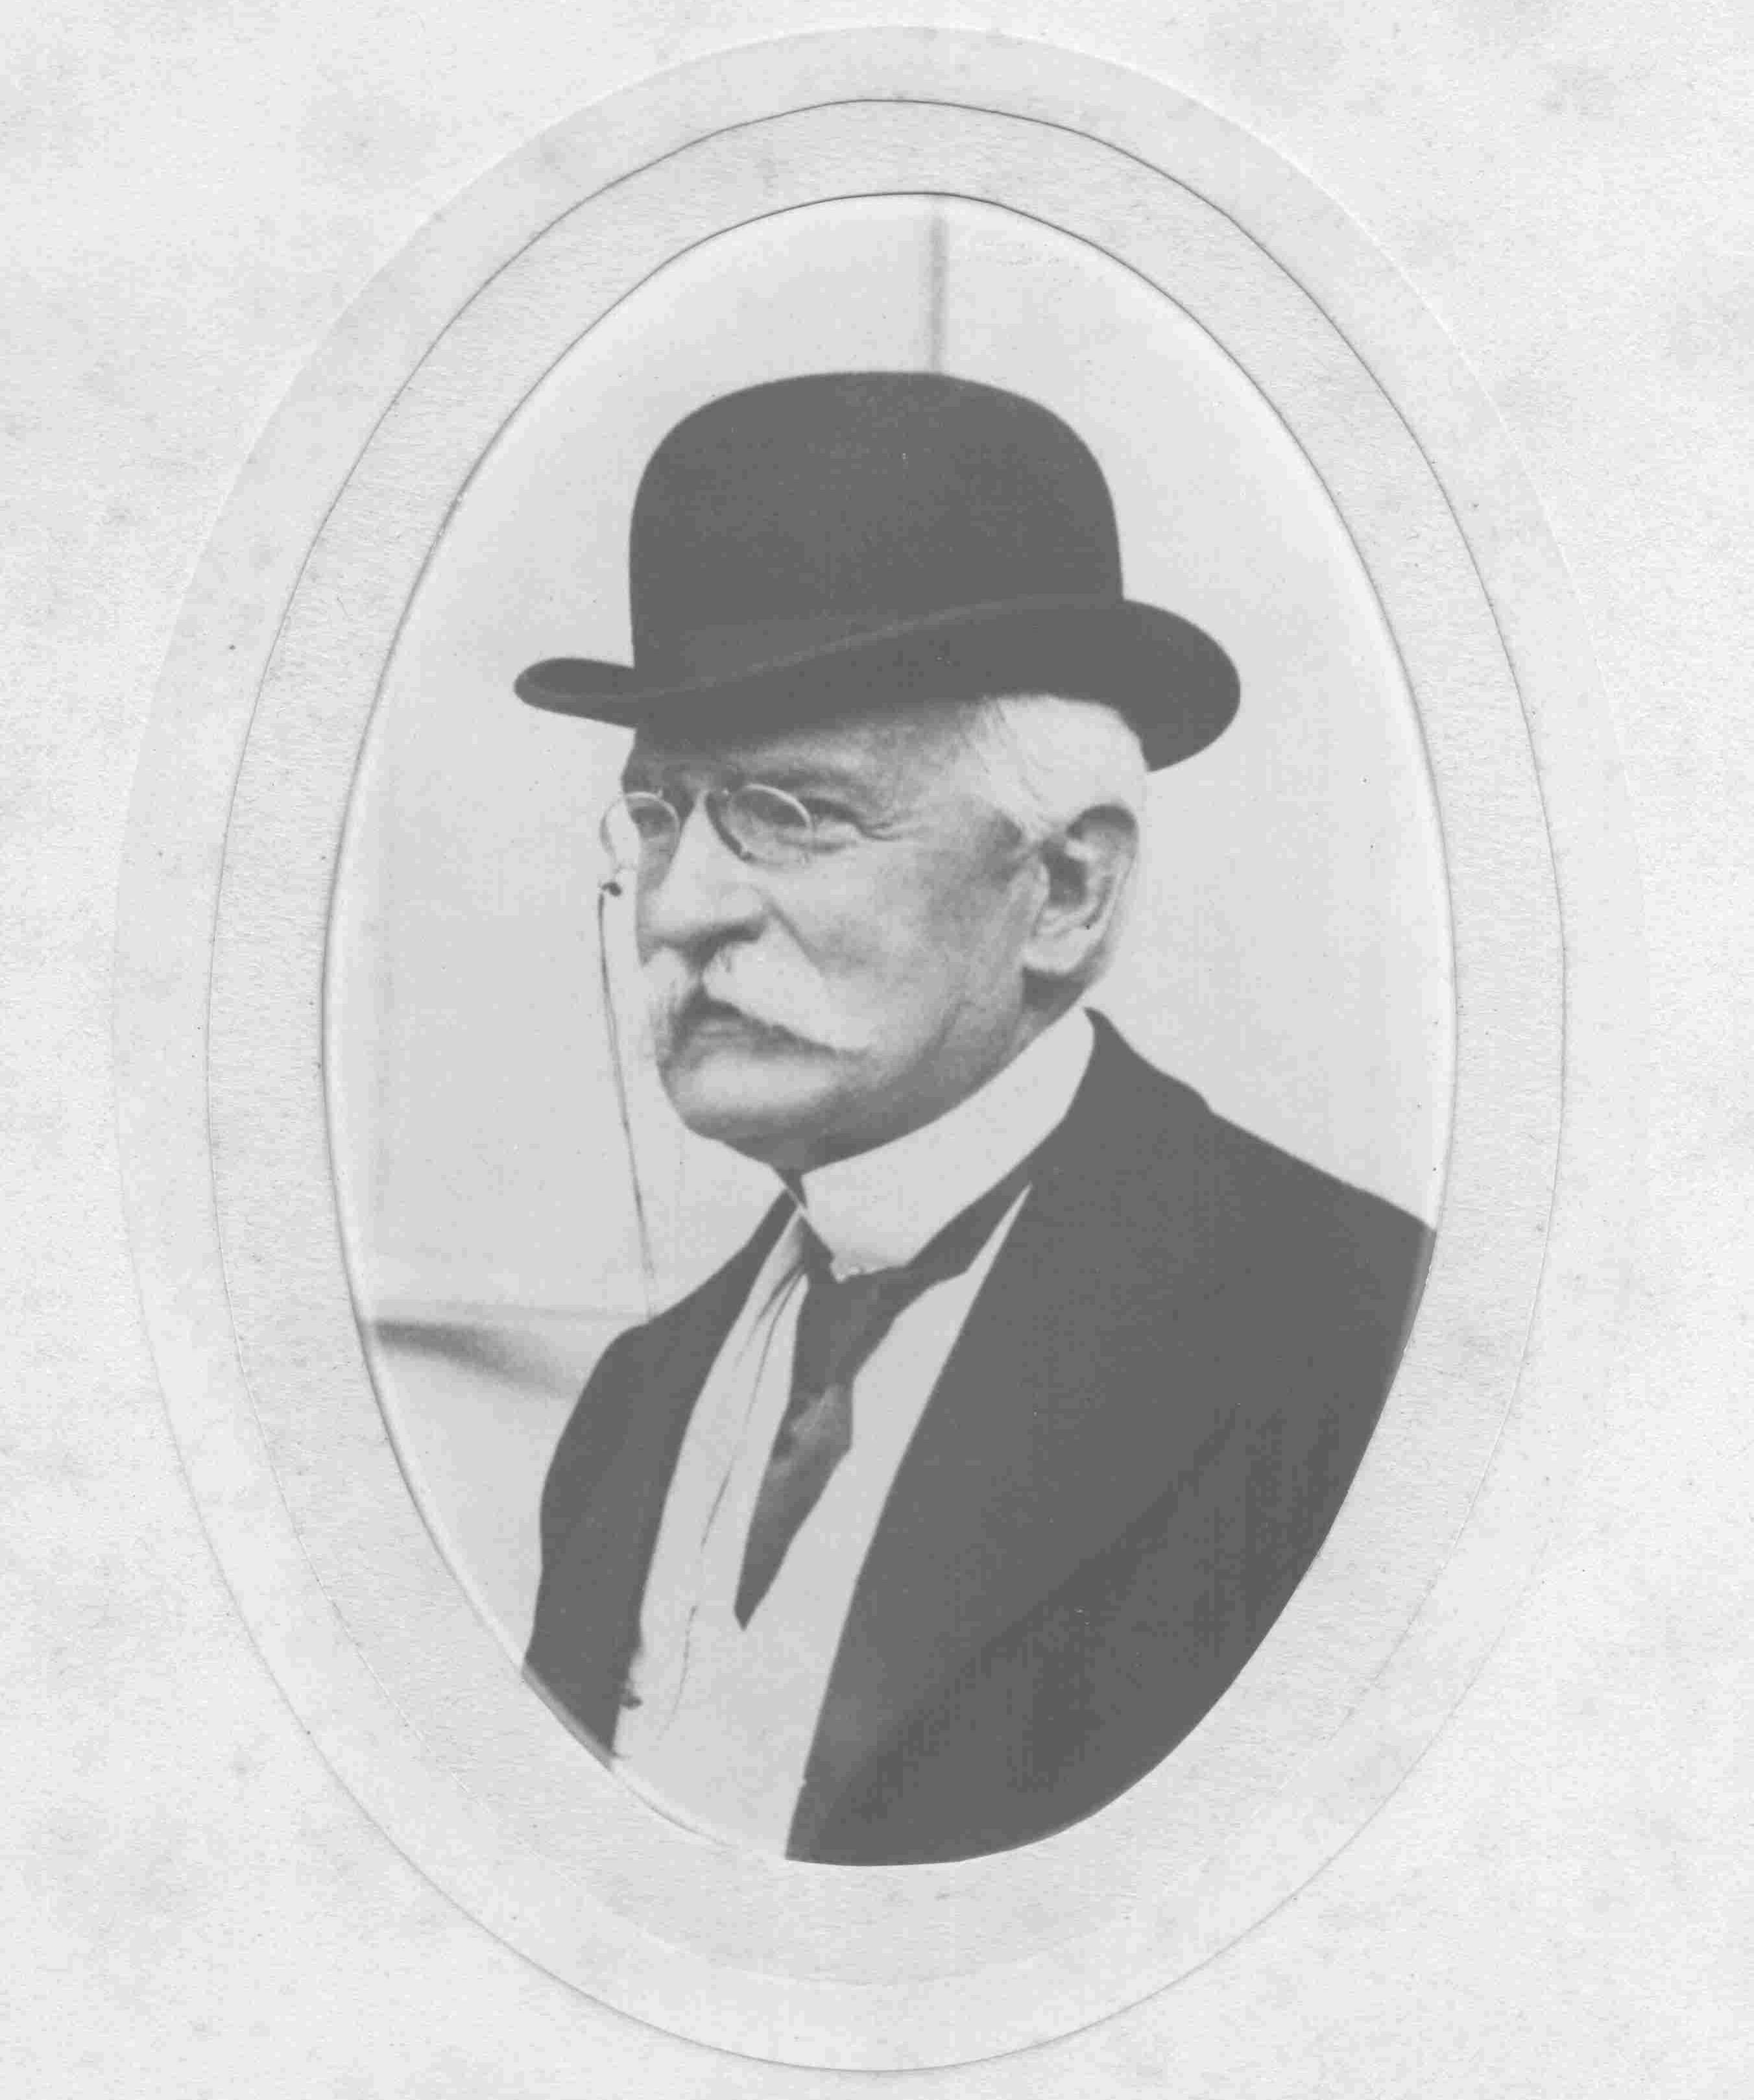 Ritratto di Sidney Sonnino (gentile concessione dell'Archivio Sidney Sonnino Montespertoli)